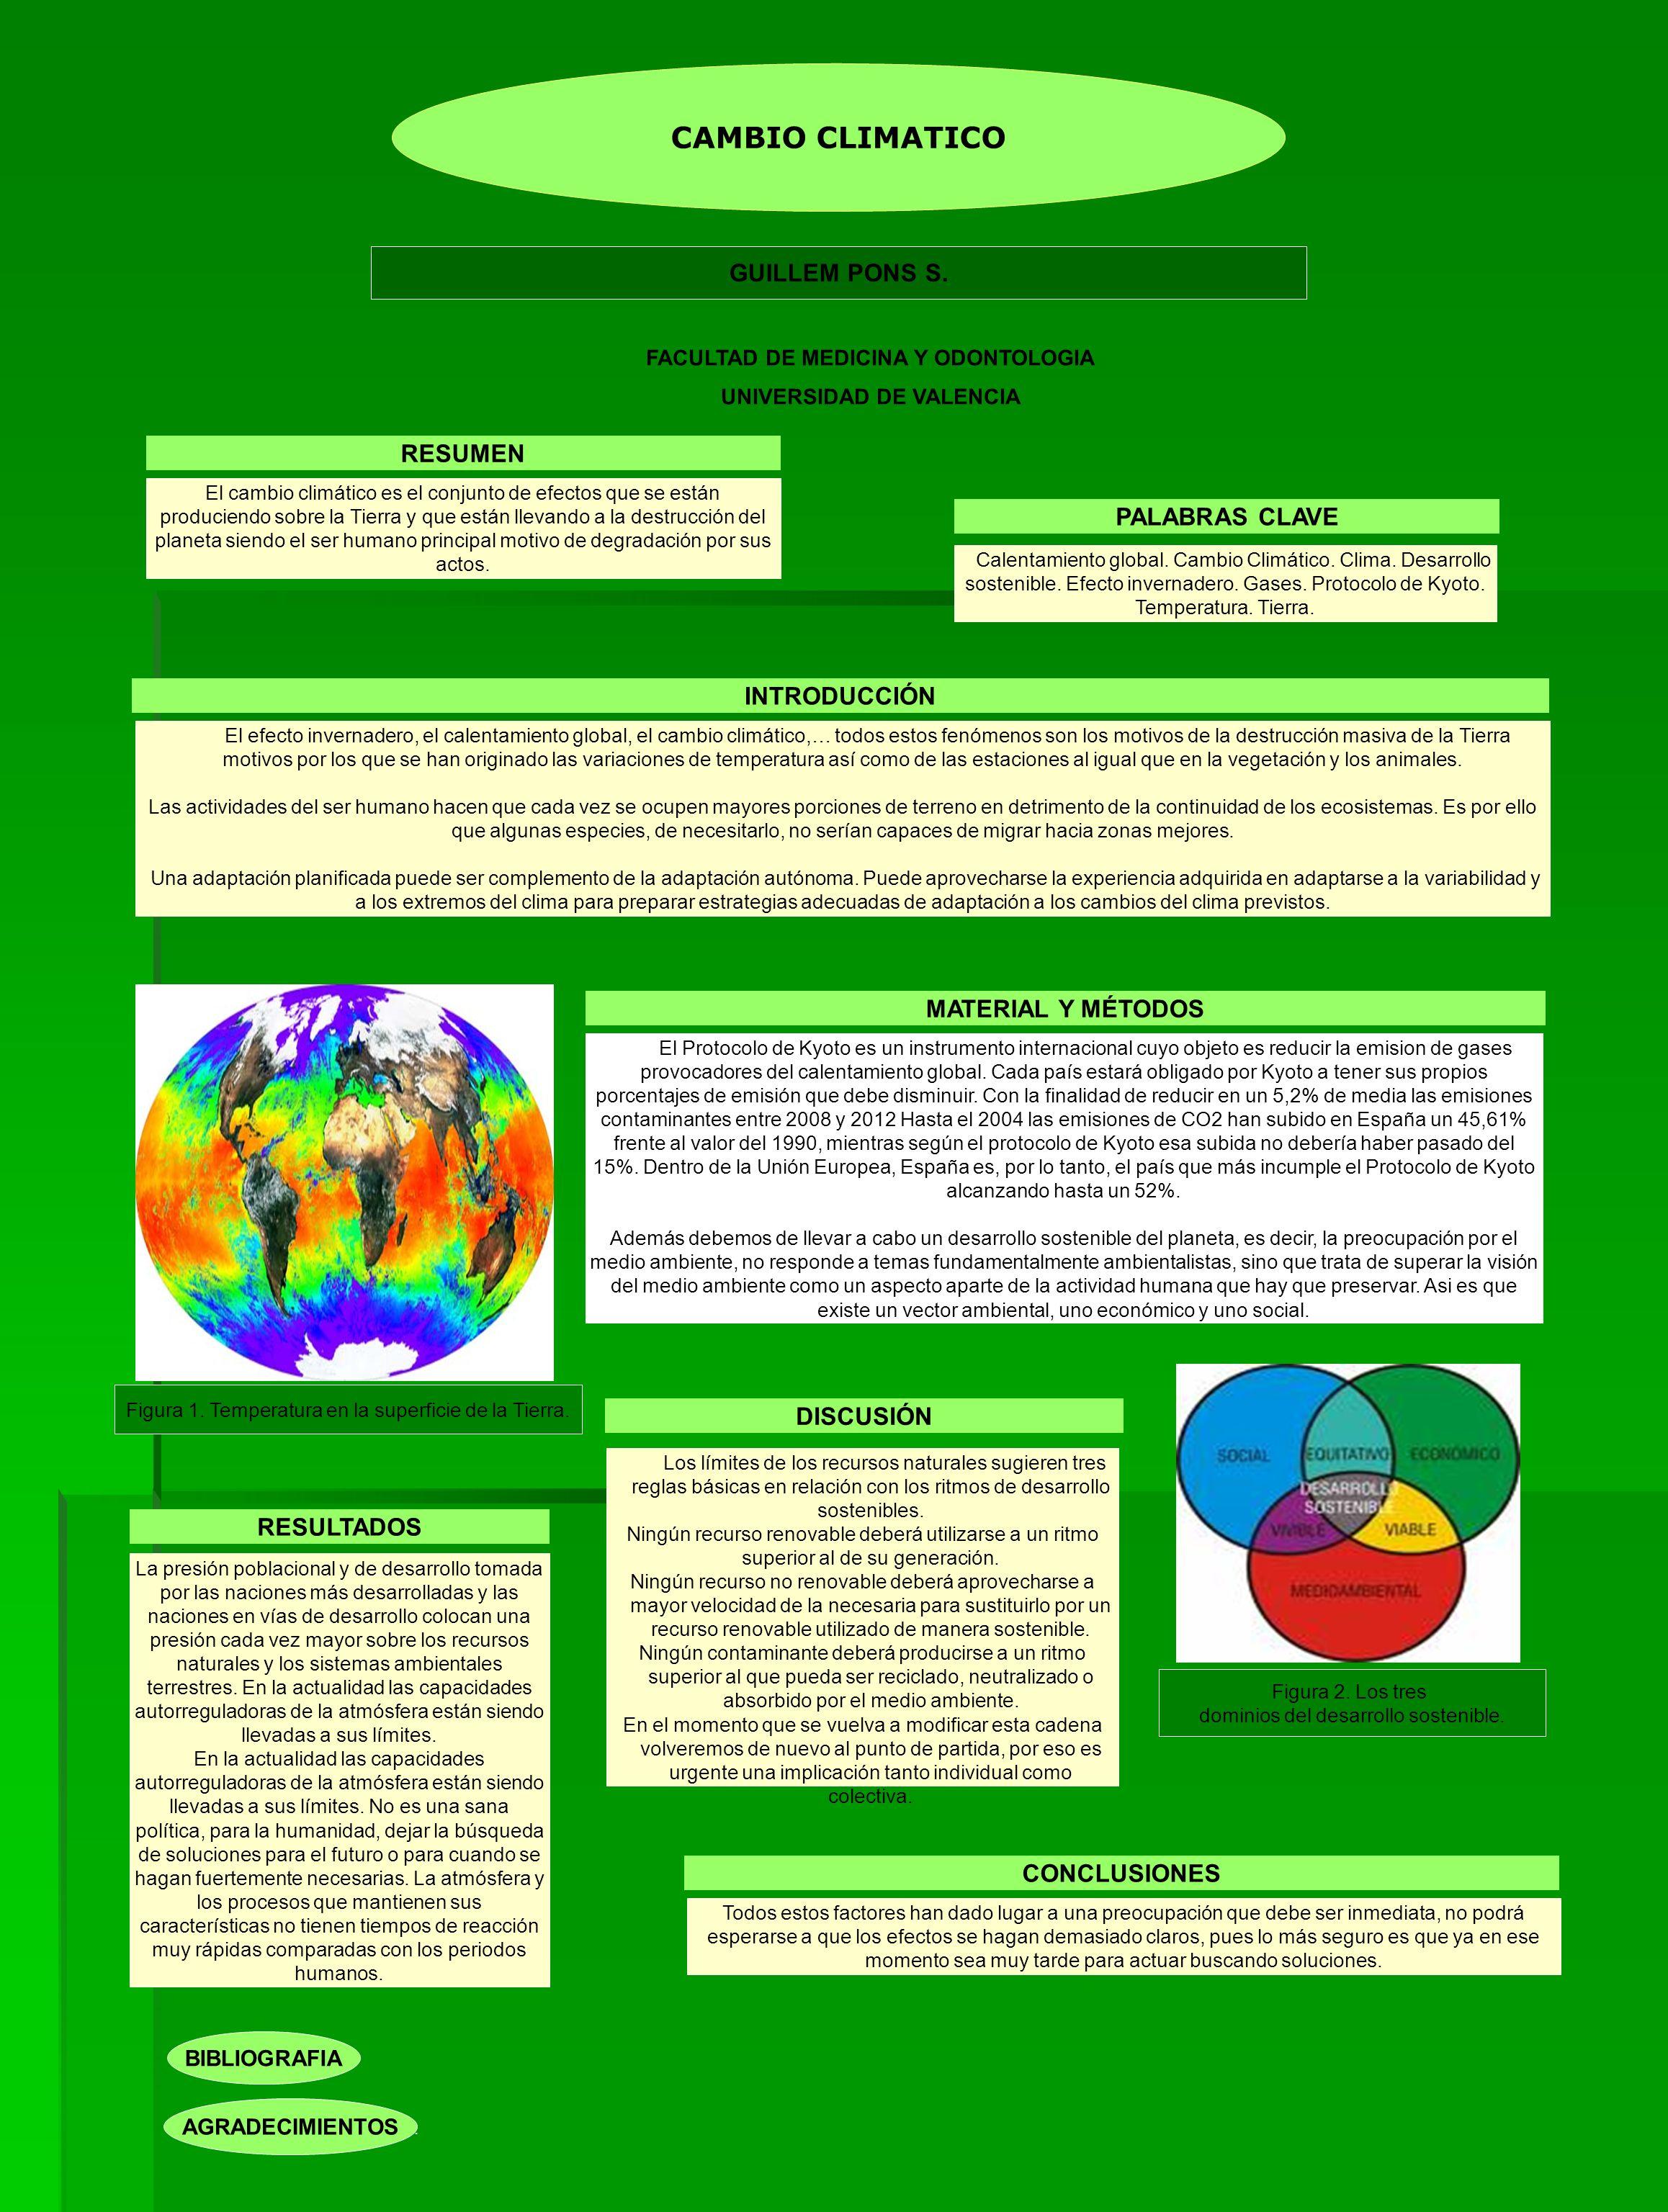 FACULTAD DE MEDICINA Y ODONTOLOGIA UNIVERSIDAD DE VALENCIA El cambio climático es el conjunto de efectos que se están produciendo sobre la Tierra y qu